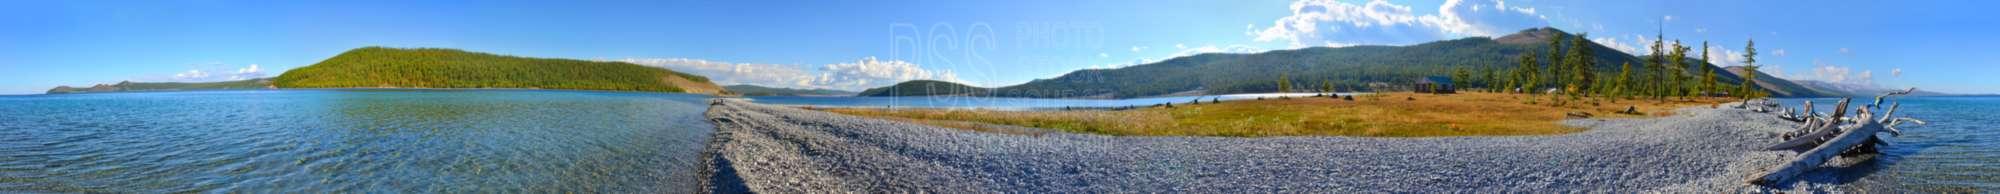 Lake Khosvsgol Gravel Bar